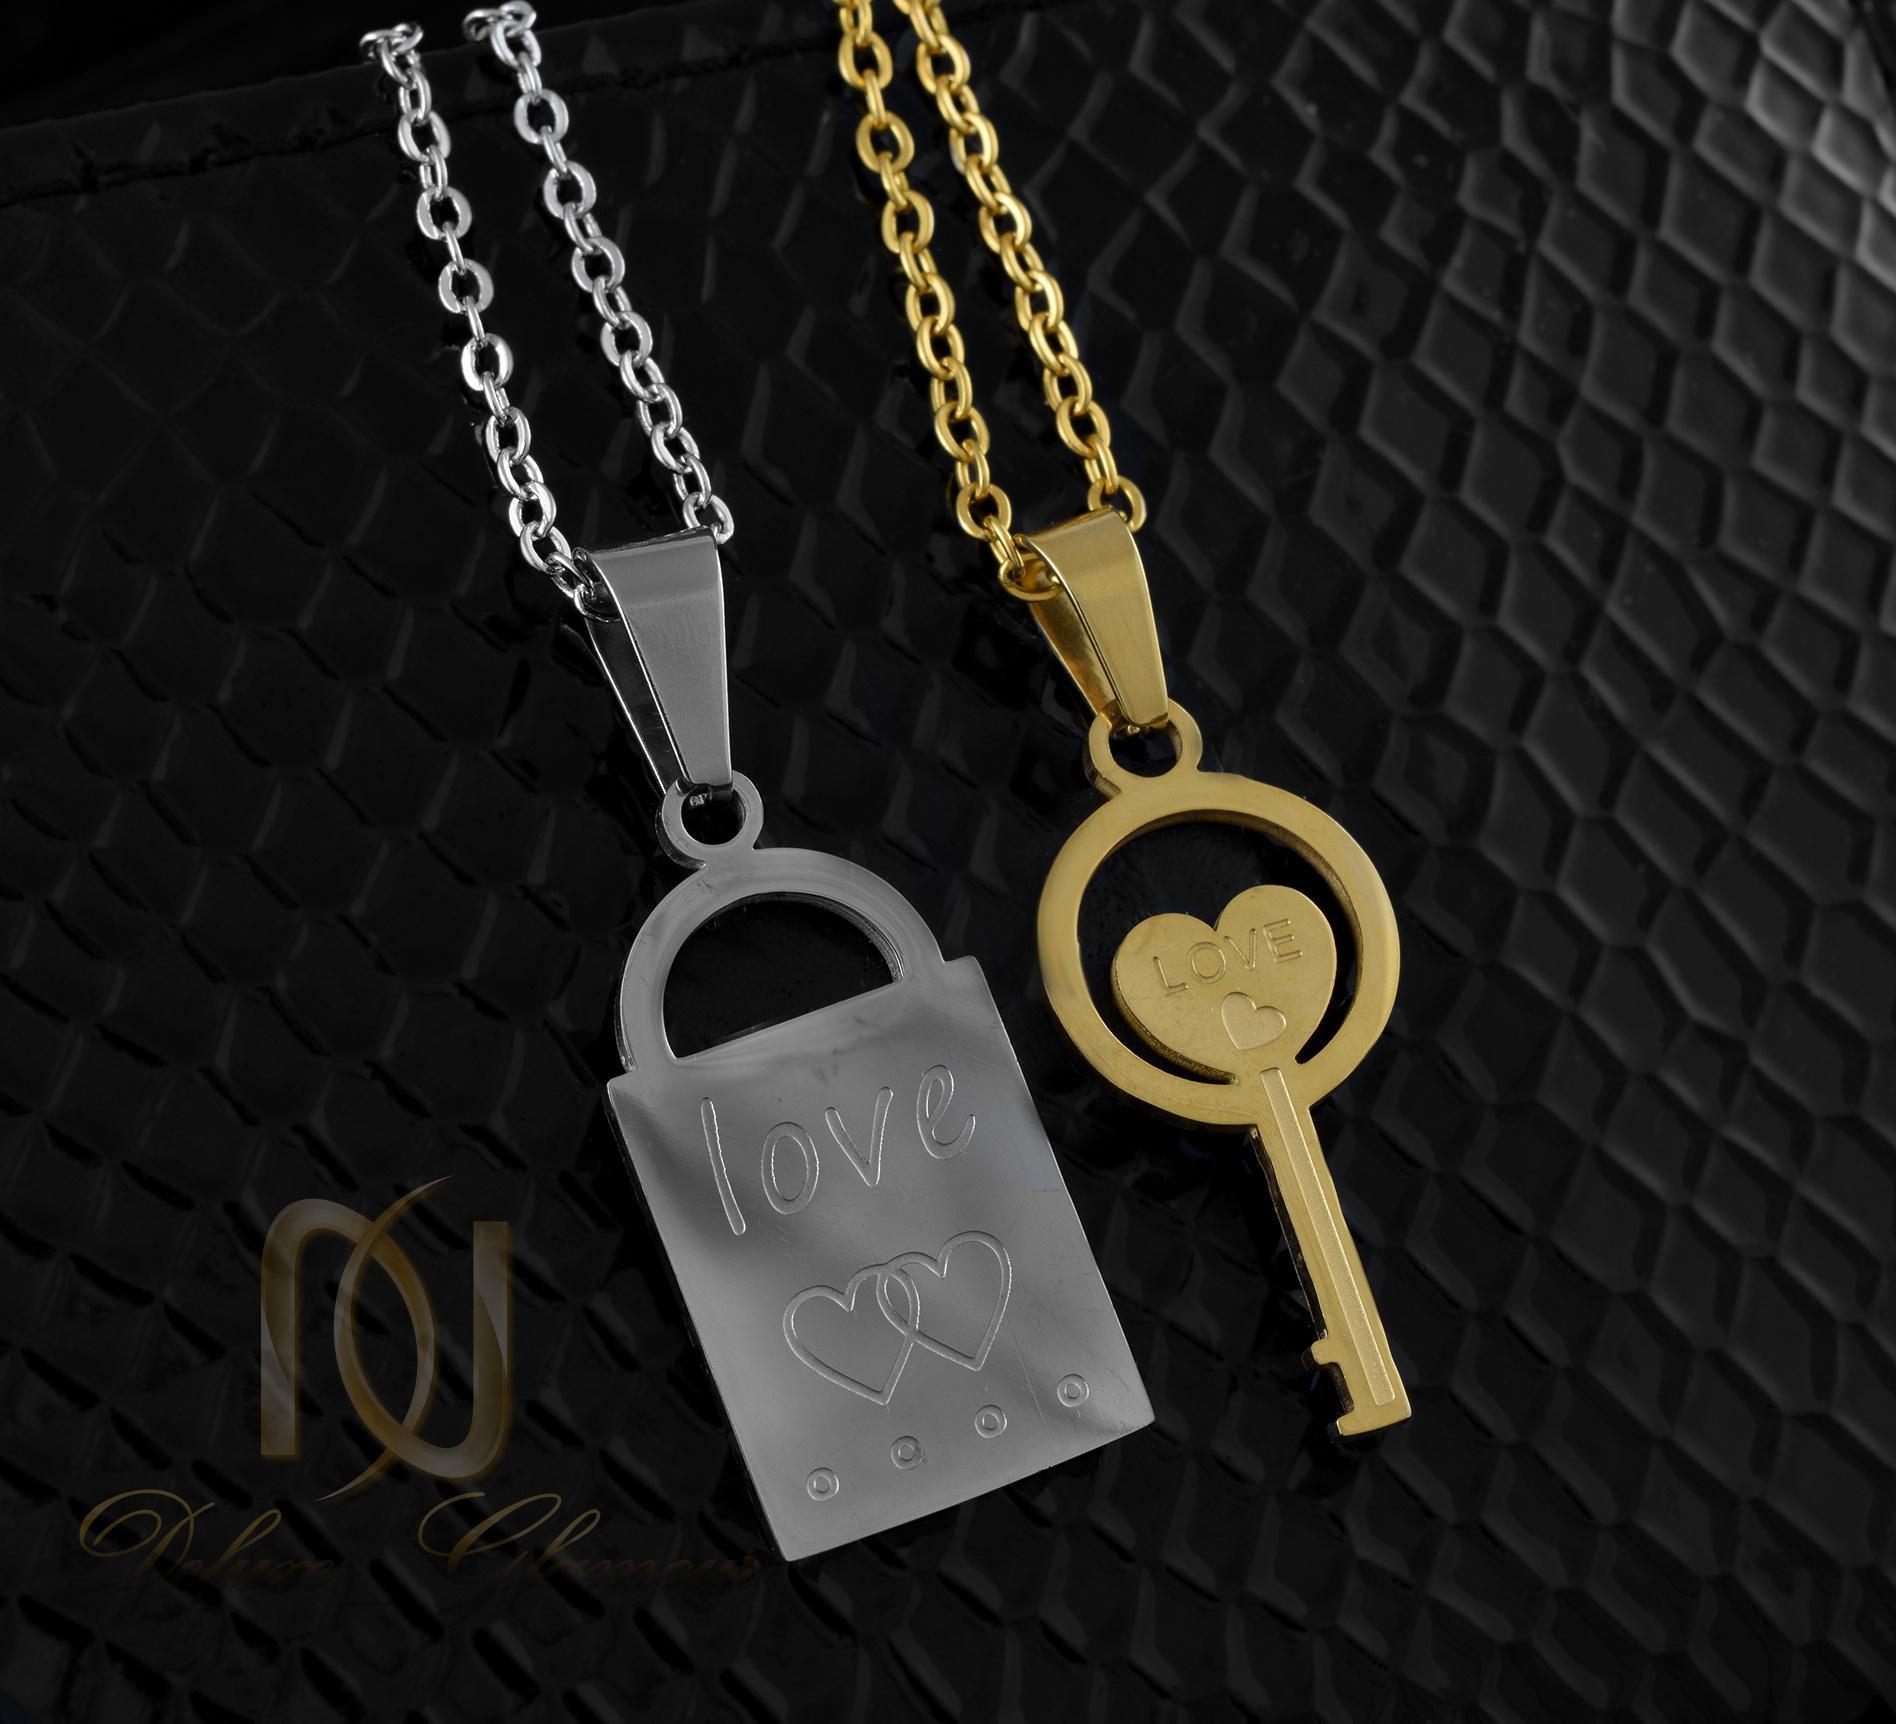 گردنبند ست استیل طرح قفل و کلید mf-n112 از نمای مشکی